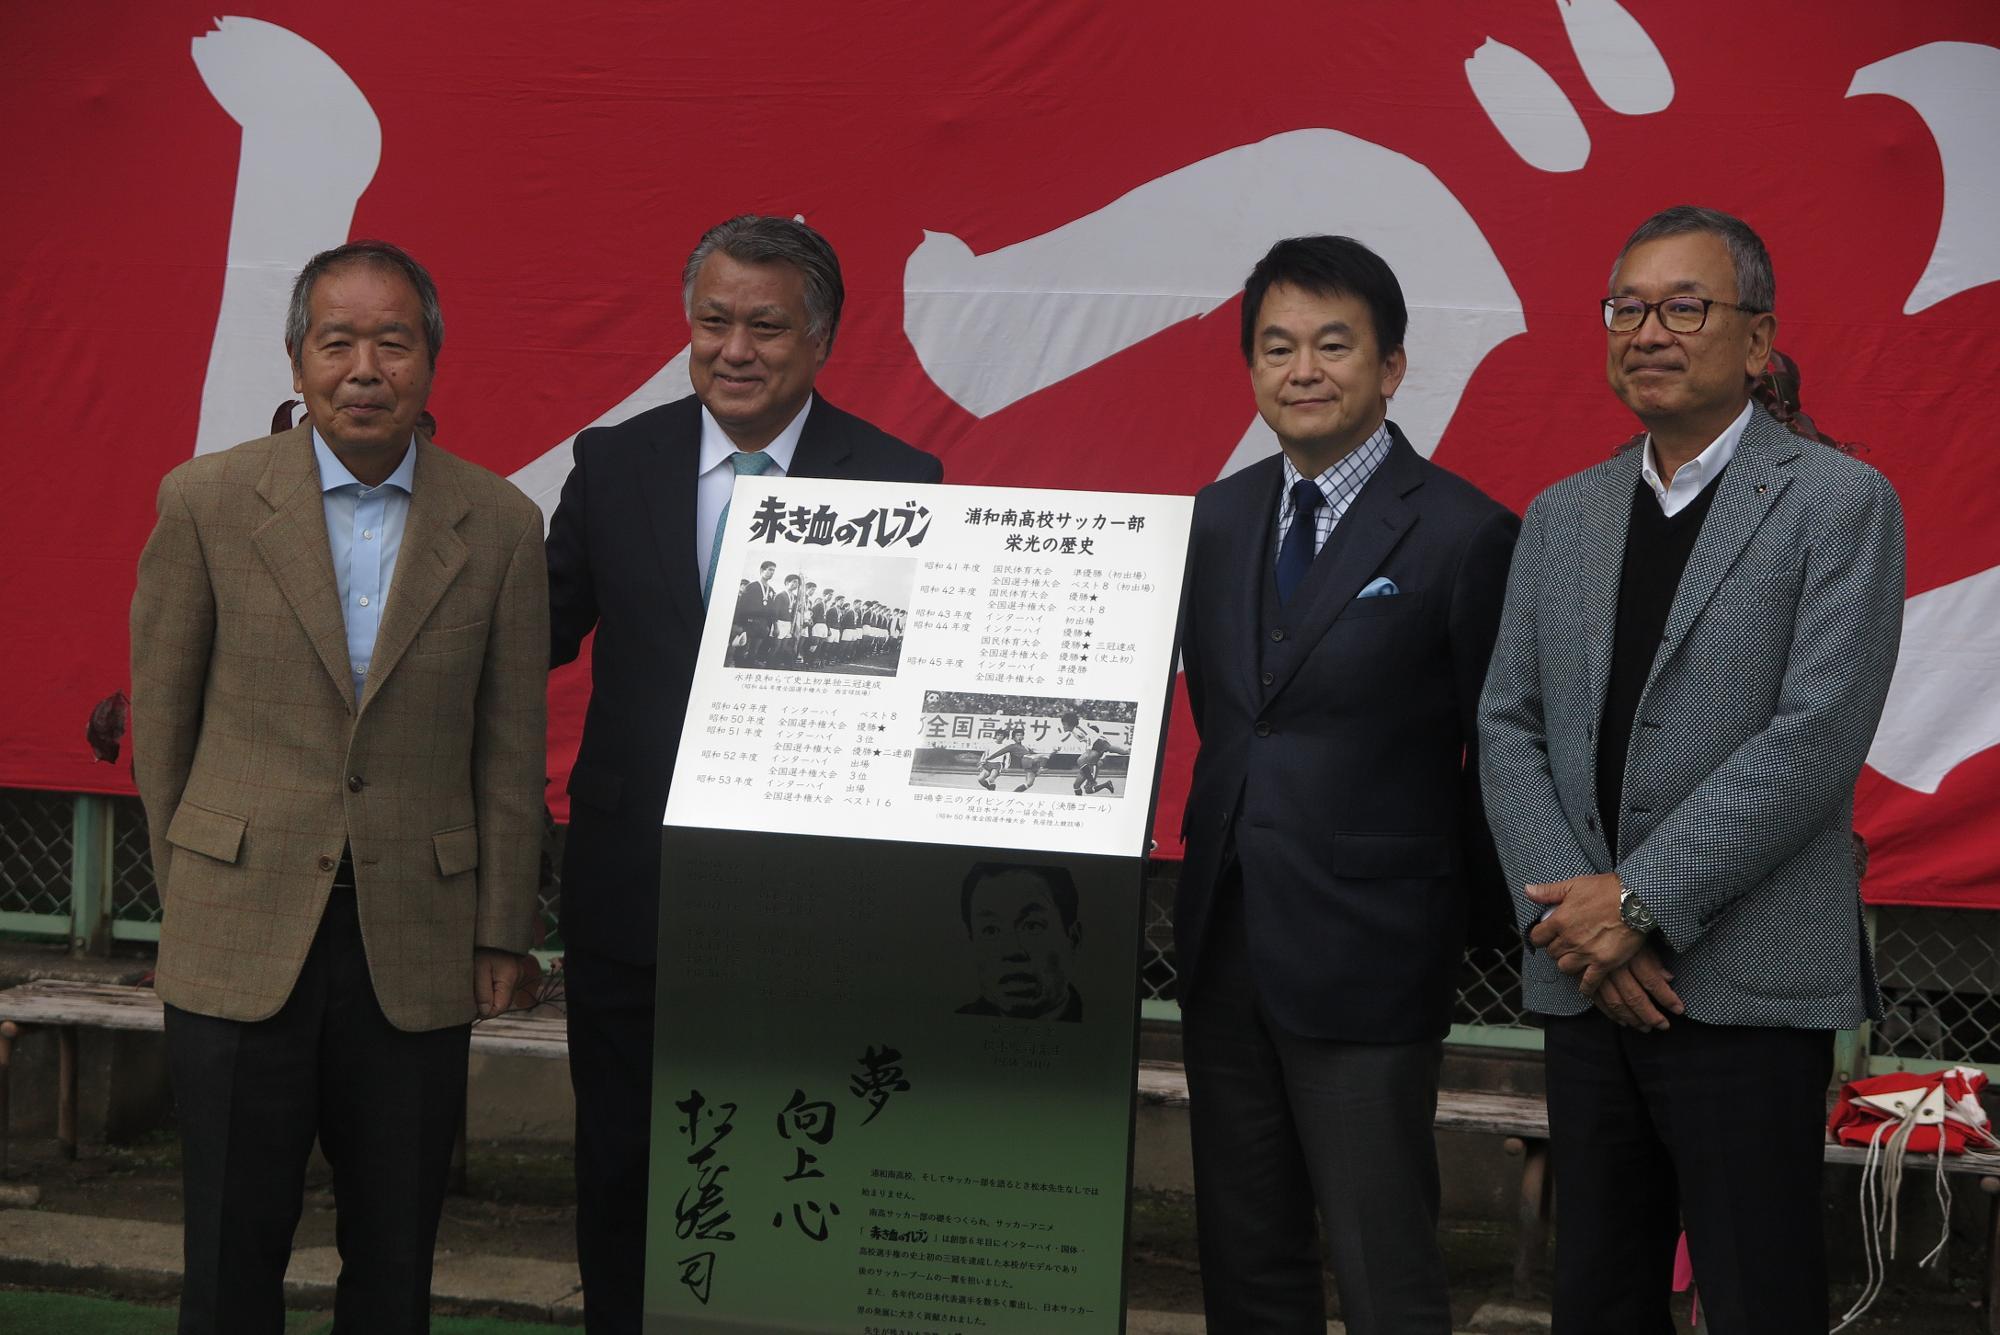 2020年に浦和南高校で行われた記念碑の除幕式には、永井良和さん(浦和南OB)、田嶋幸三日本サッカー協会会長(浦和南OB)、清水勇人さいたま市長、村井満チェアマン(浦和OB)が列席した